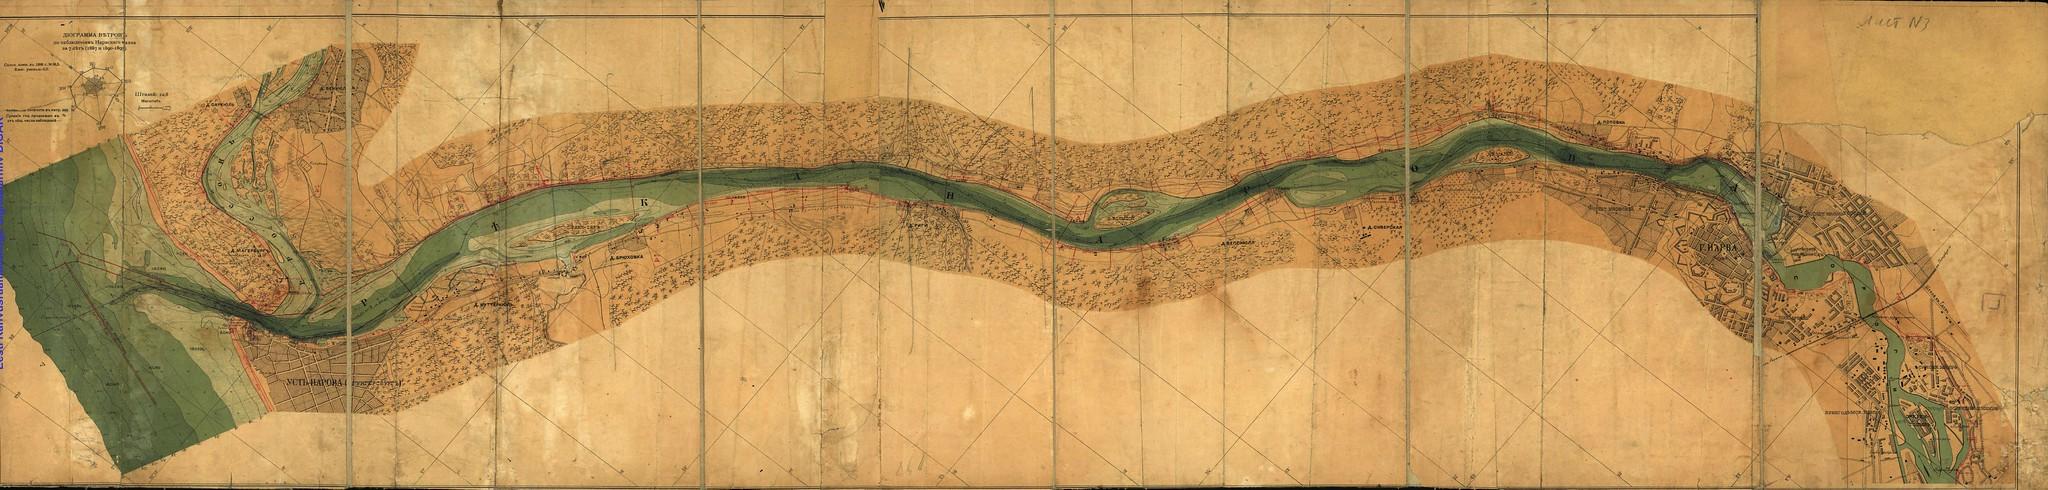 1898. План реки Наровы от водопада до устья и части прилегающего к ней морского рейда